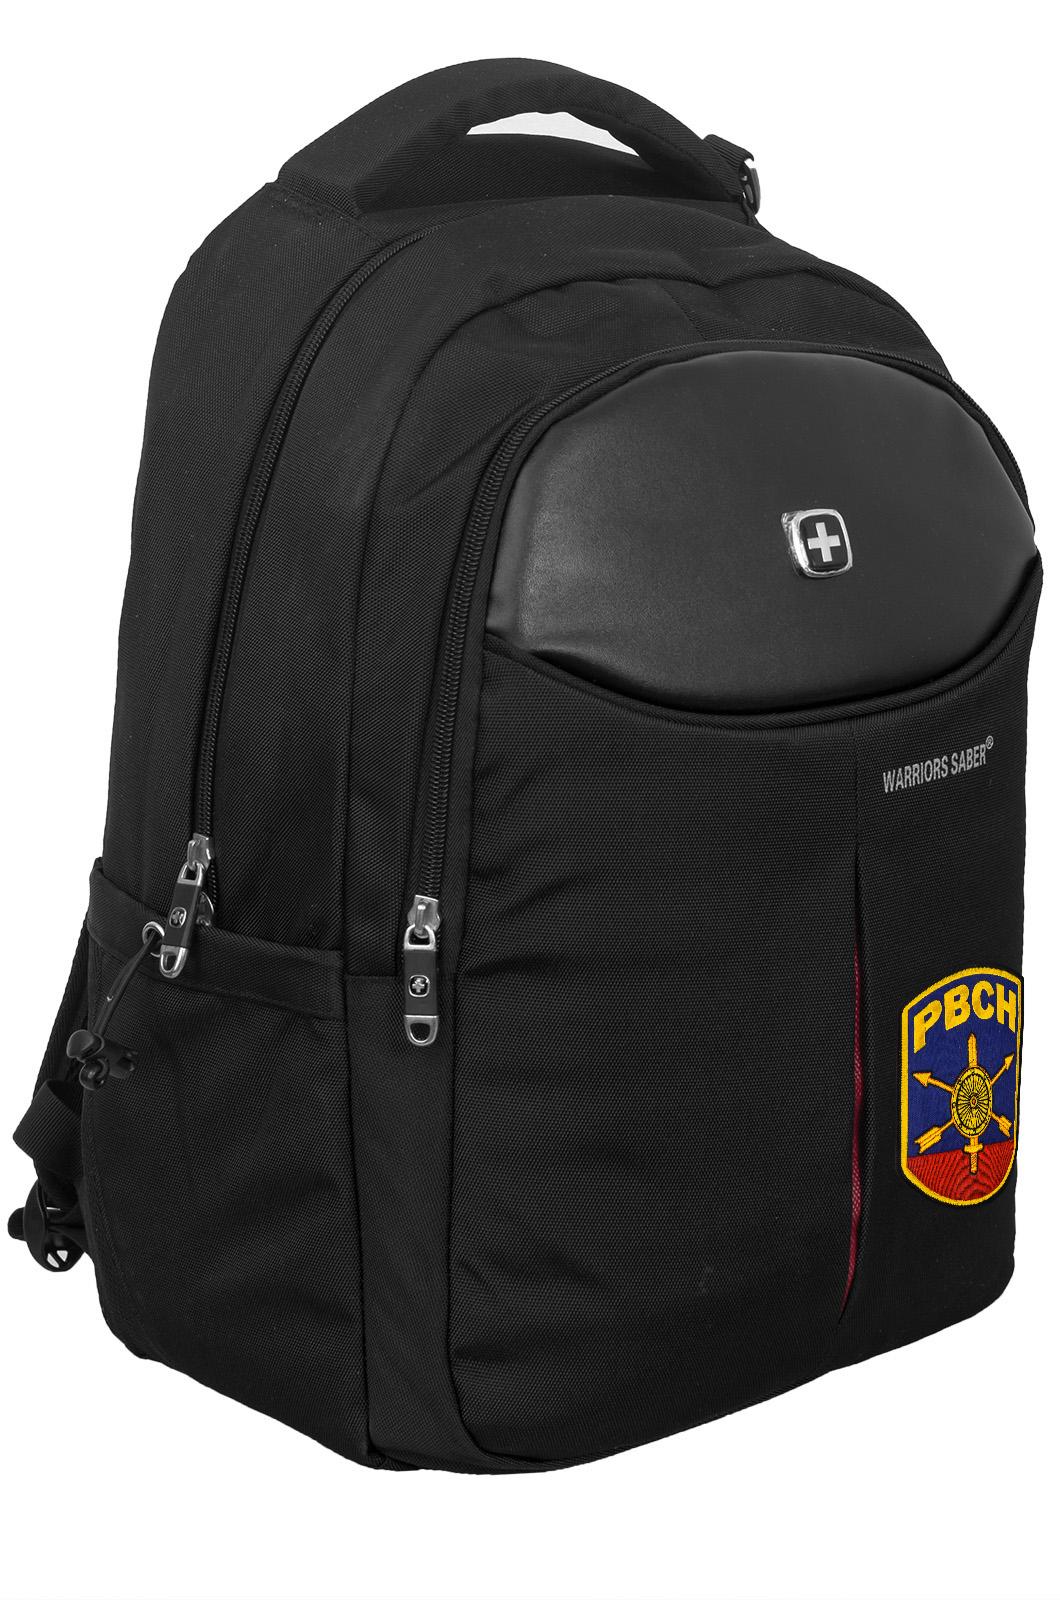 Удобный черный рюкзак с военной нашивкой РВСН - купить онлайн